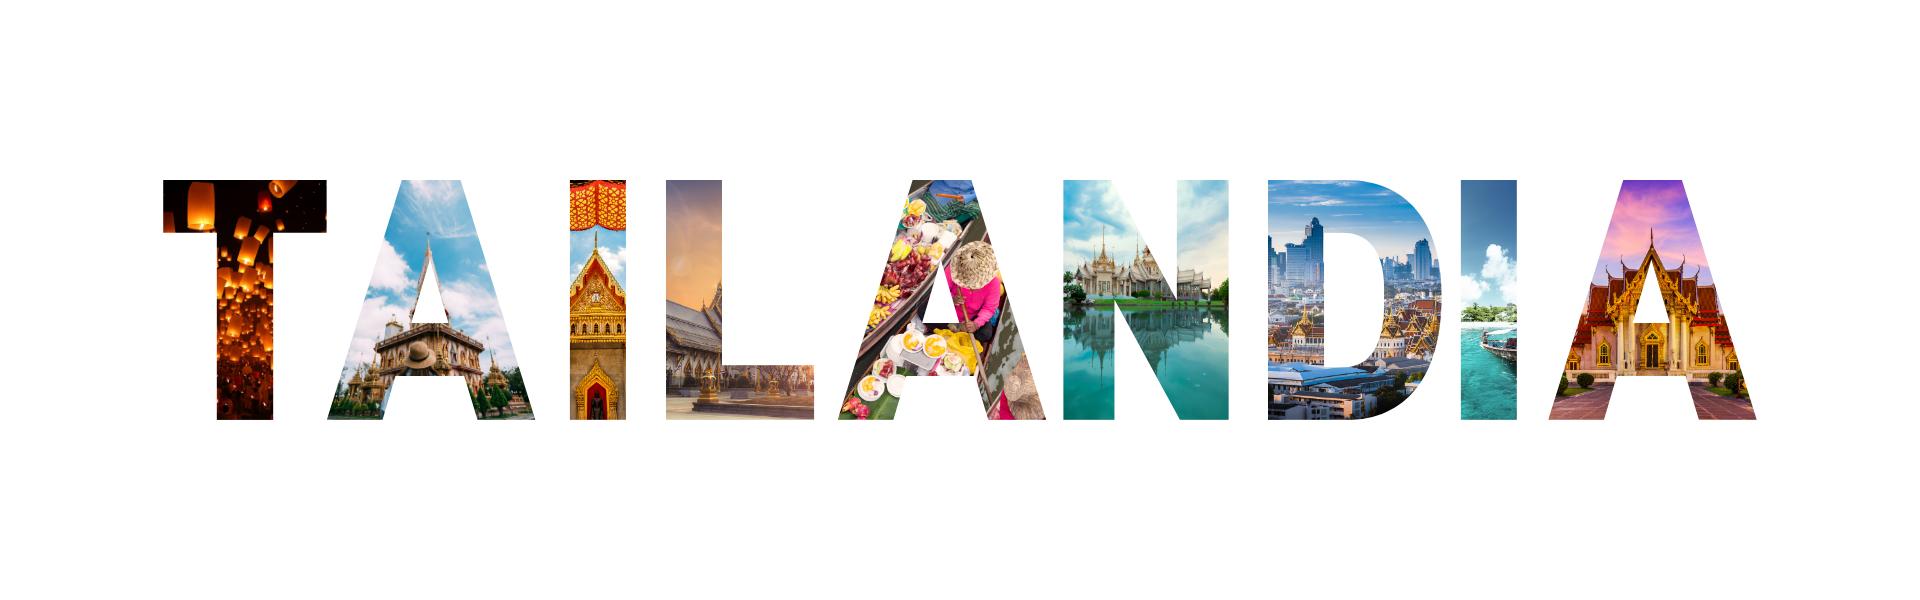 tailandia en letras